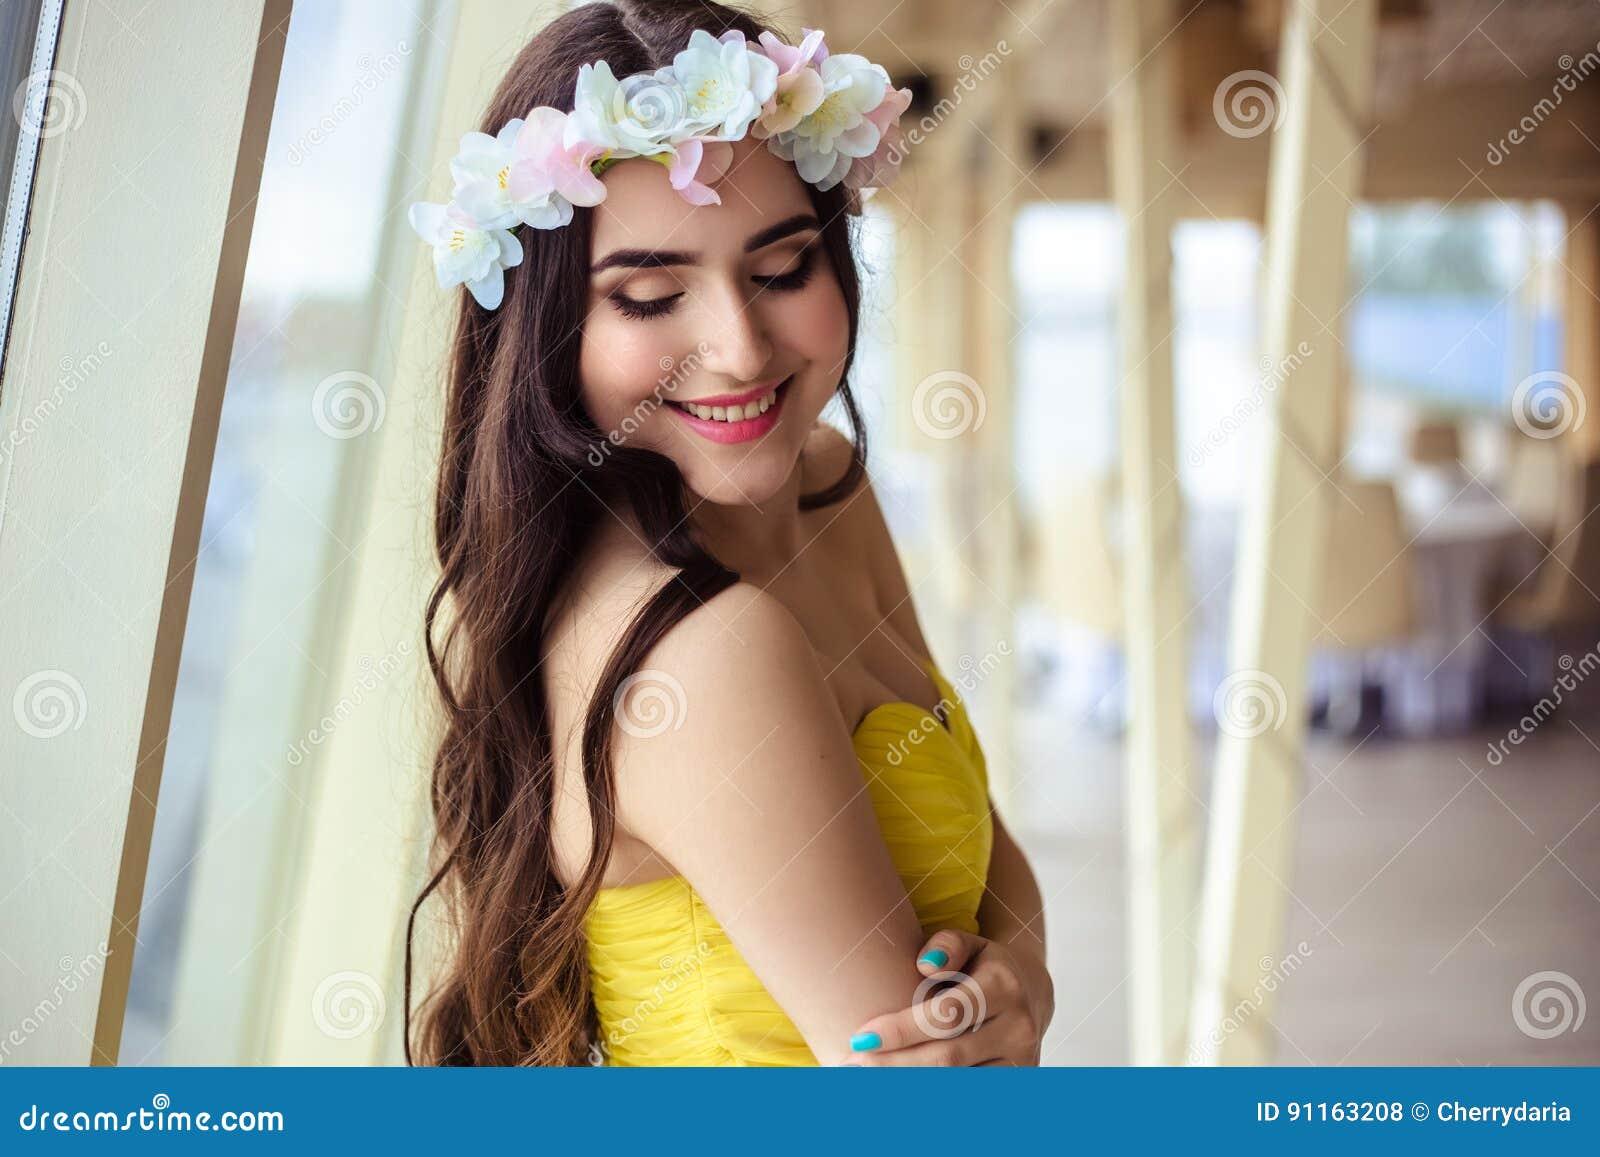 Jovem mulher bonita com cabelo longo em um dia de verão dama de honra no  vestido 2d503a5bdc39